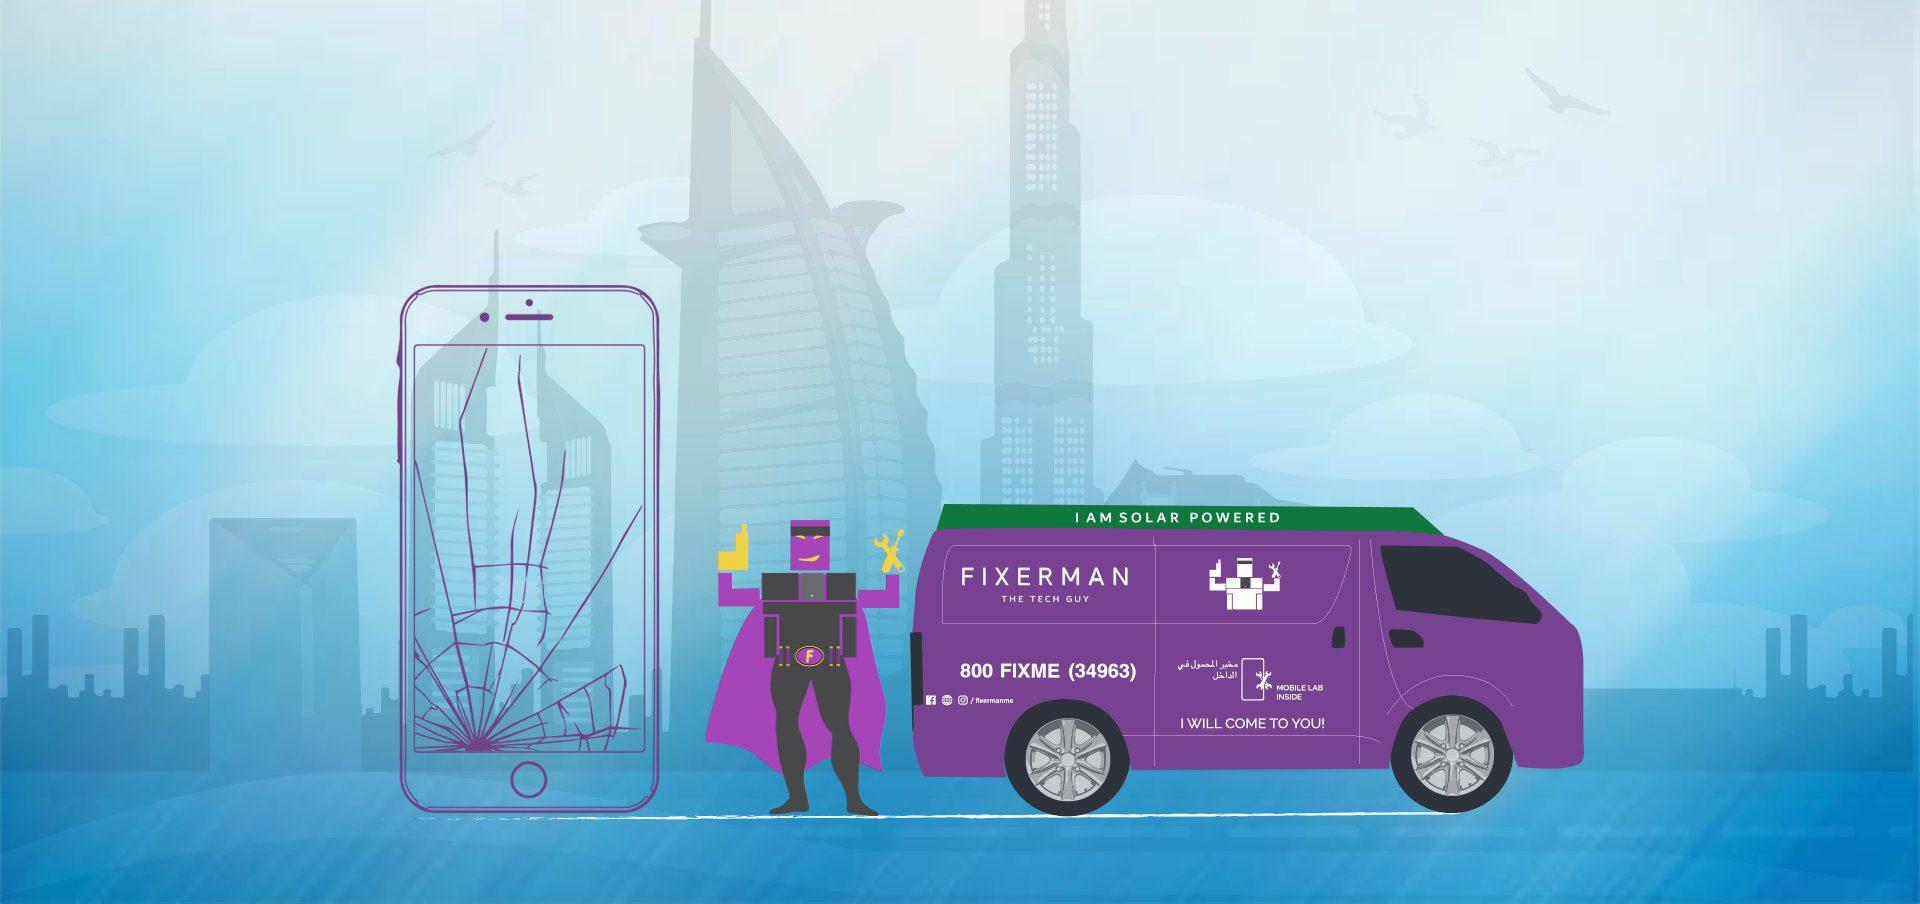 iPhone 7 Plus Repair in Dubai